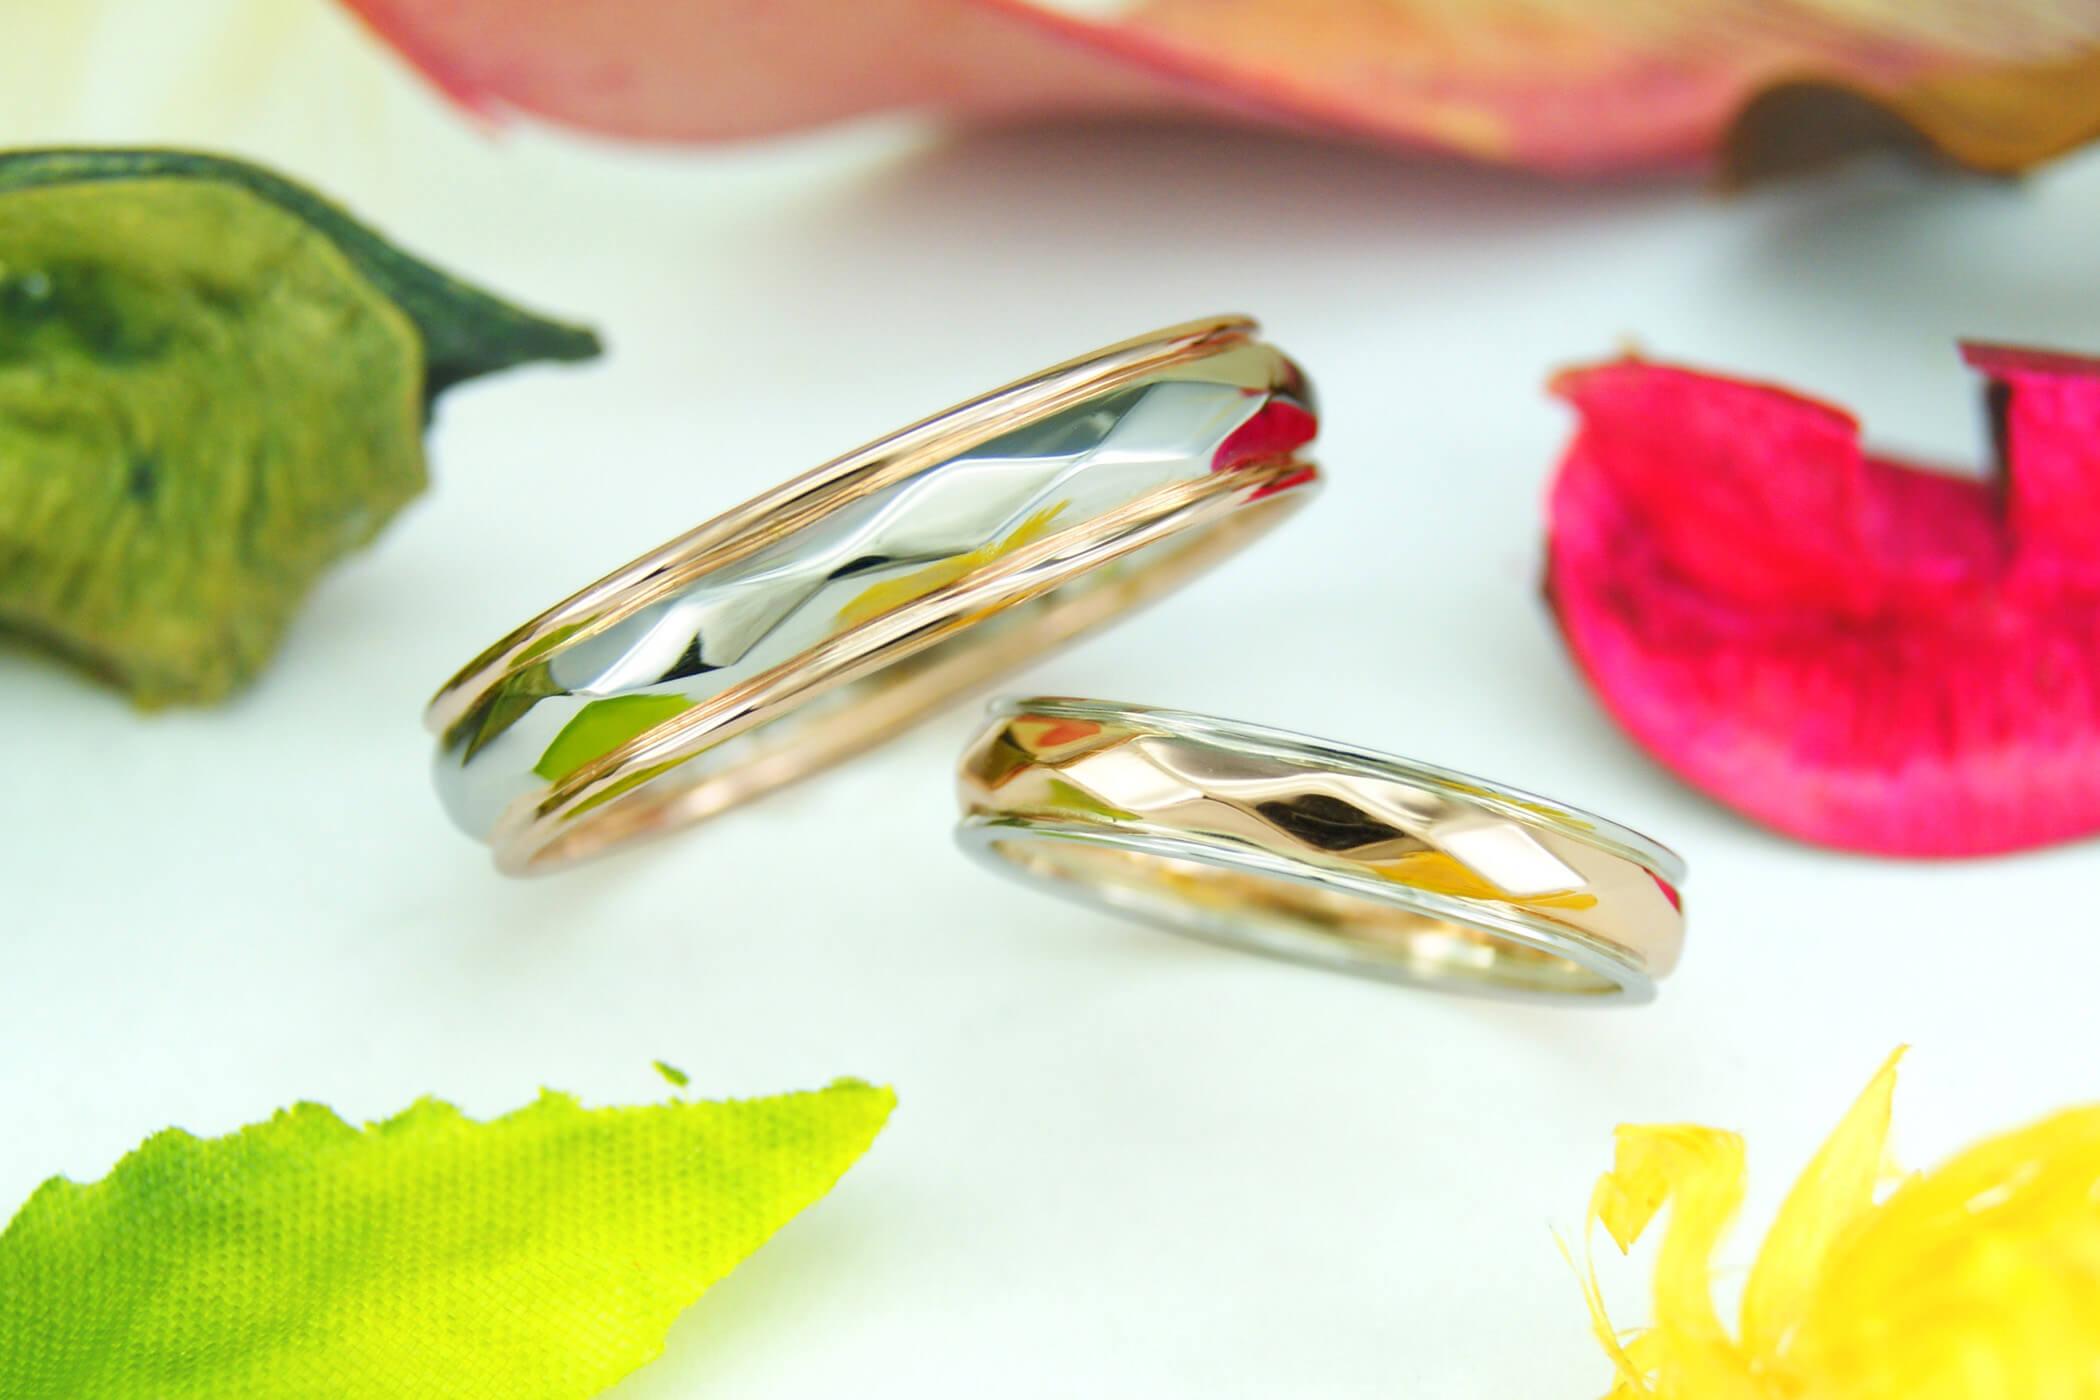 セルフメイド | 完成 | かざりやゆい | 世界に一つだけの結婚指輪「kazariya Yui」 | 福島県郡山市